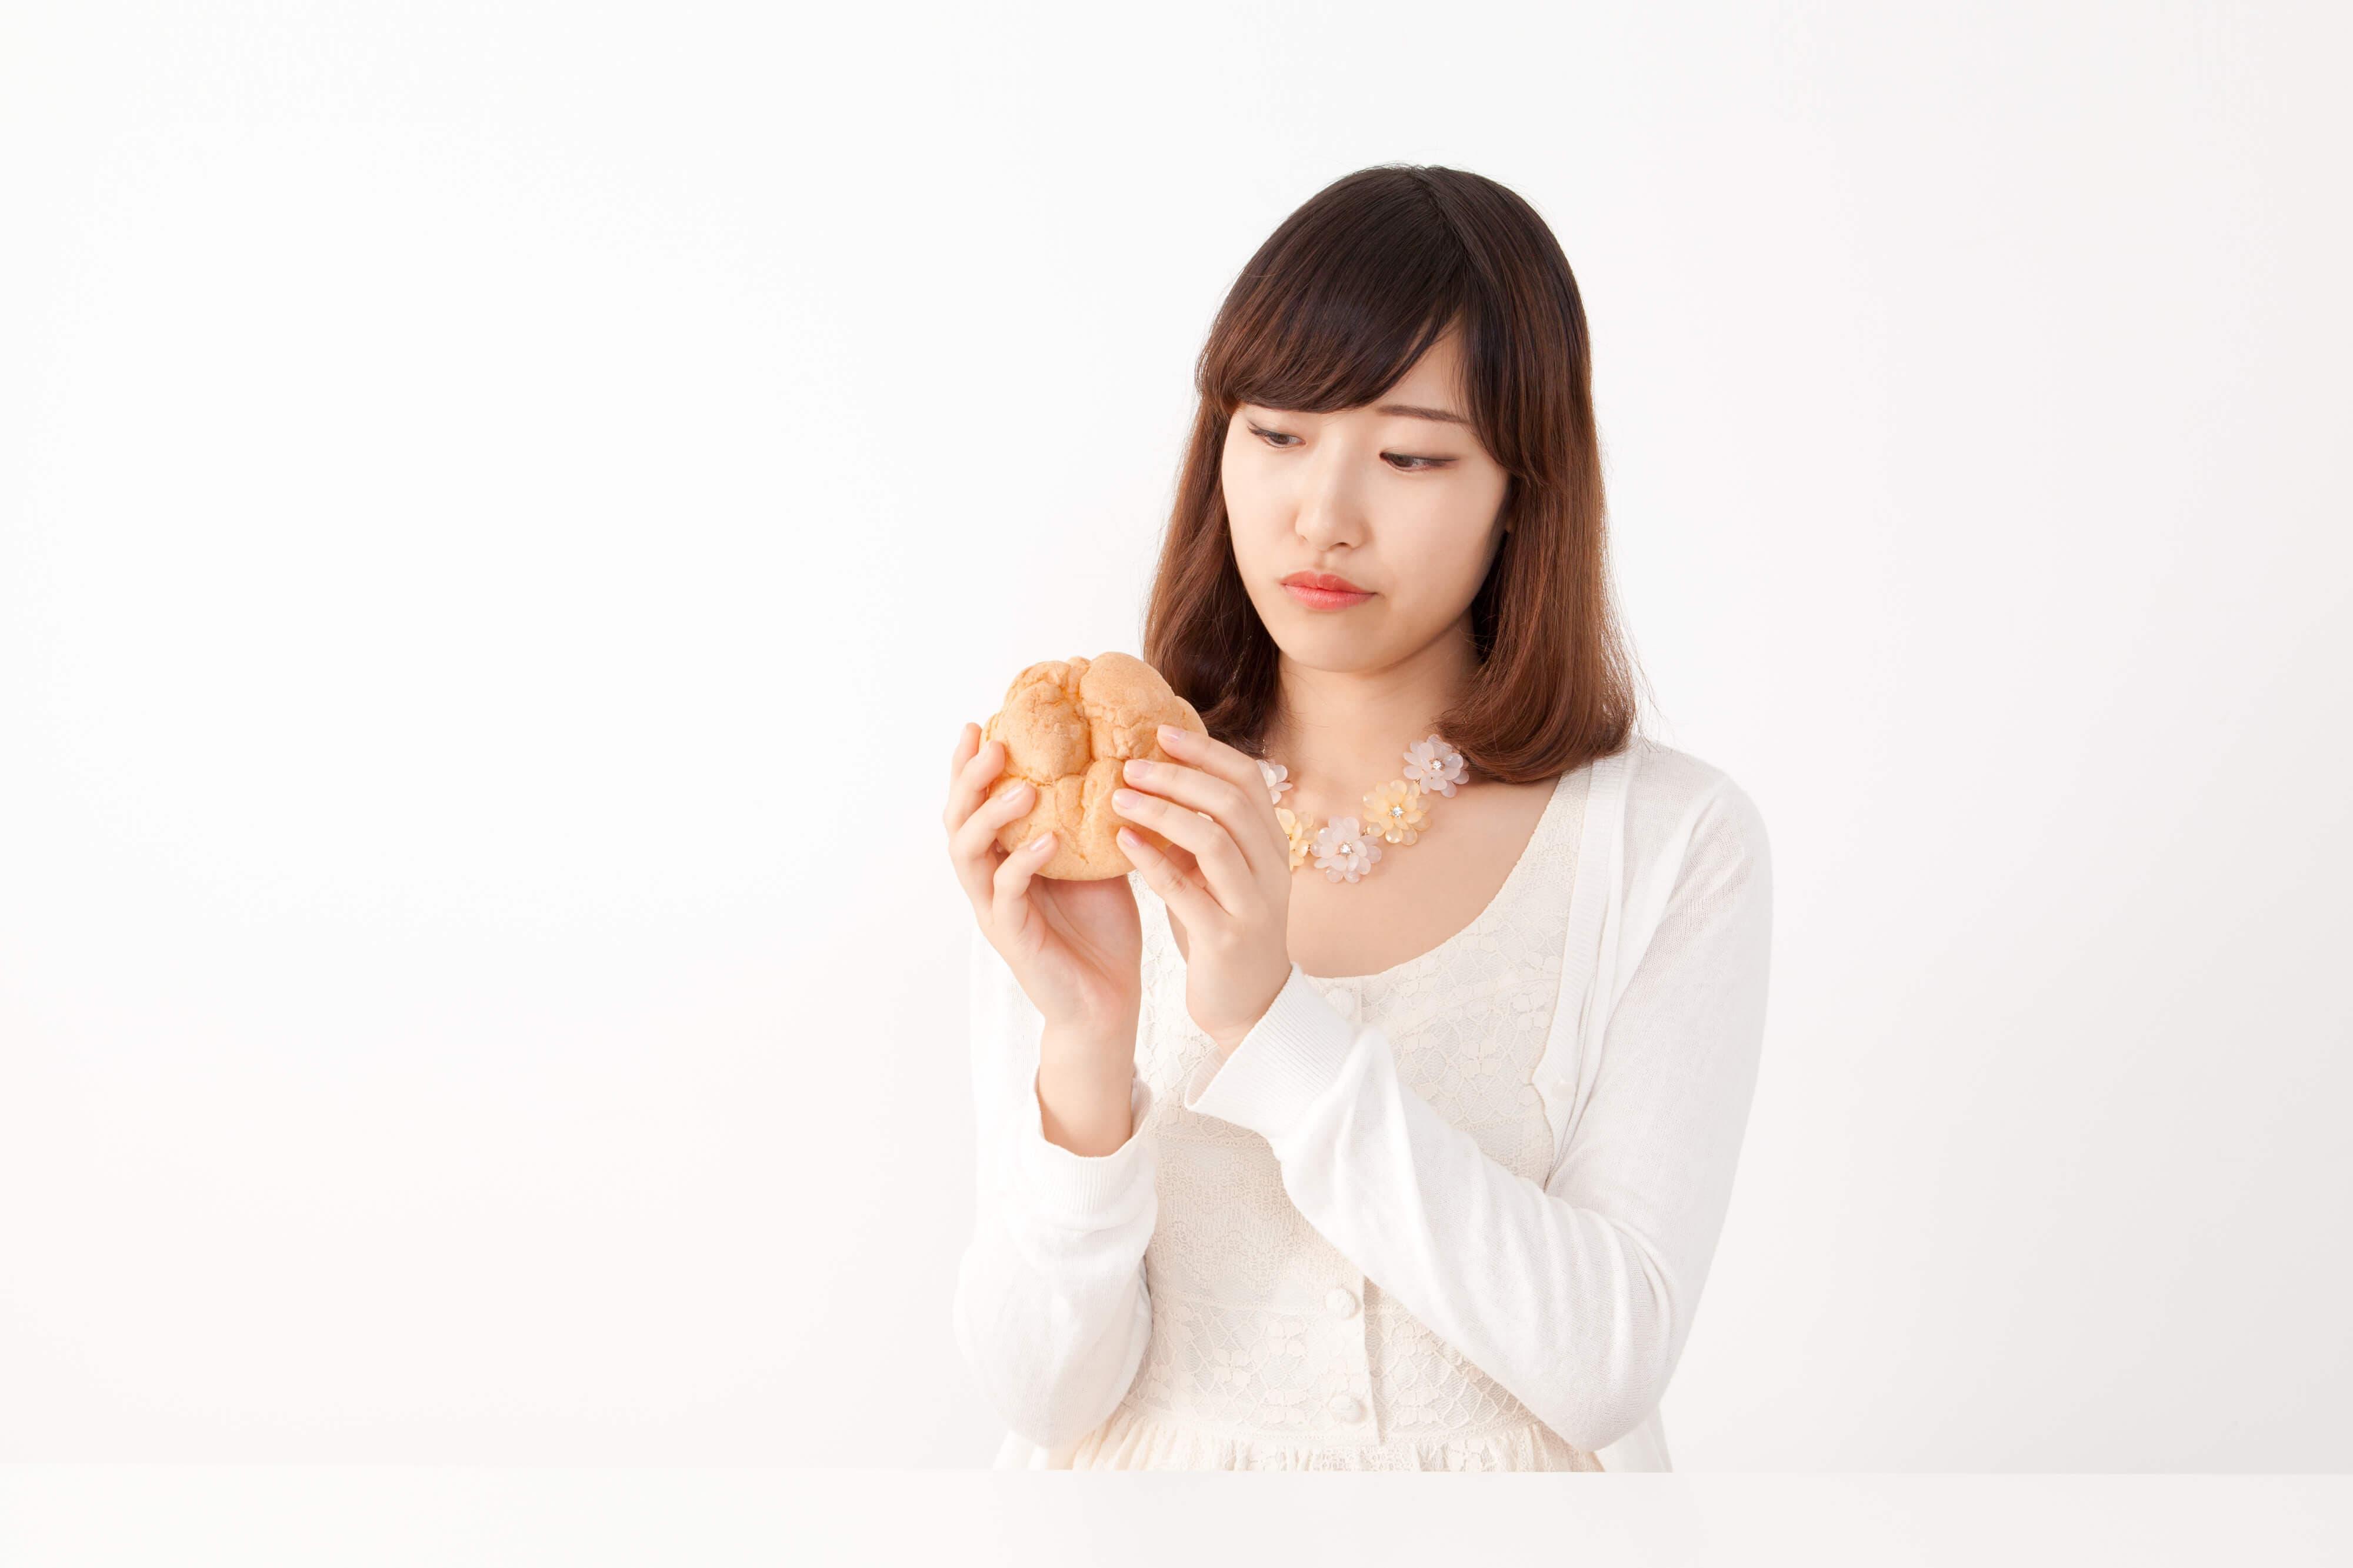 【レシピ付き】つわりのときでも食べられる六つの食べもの